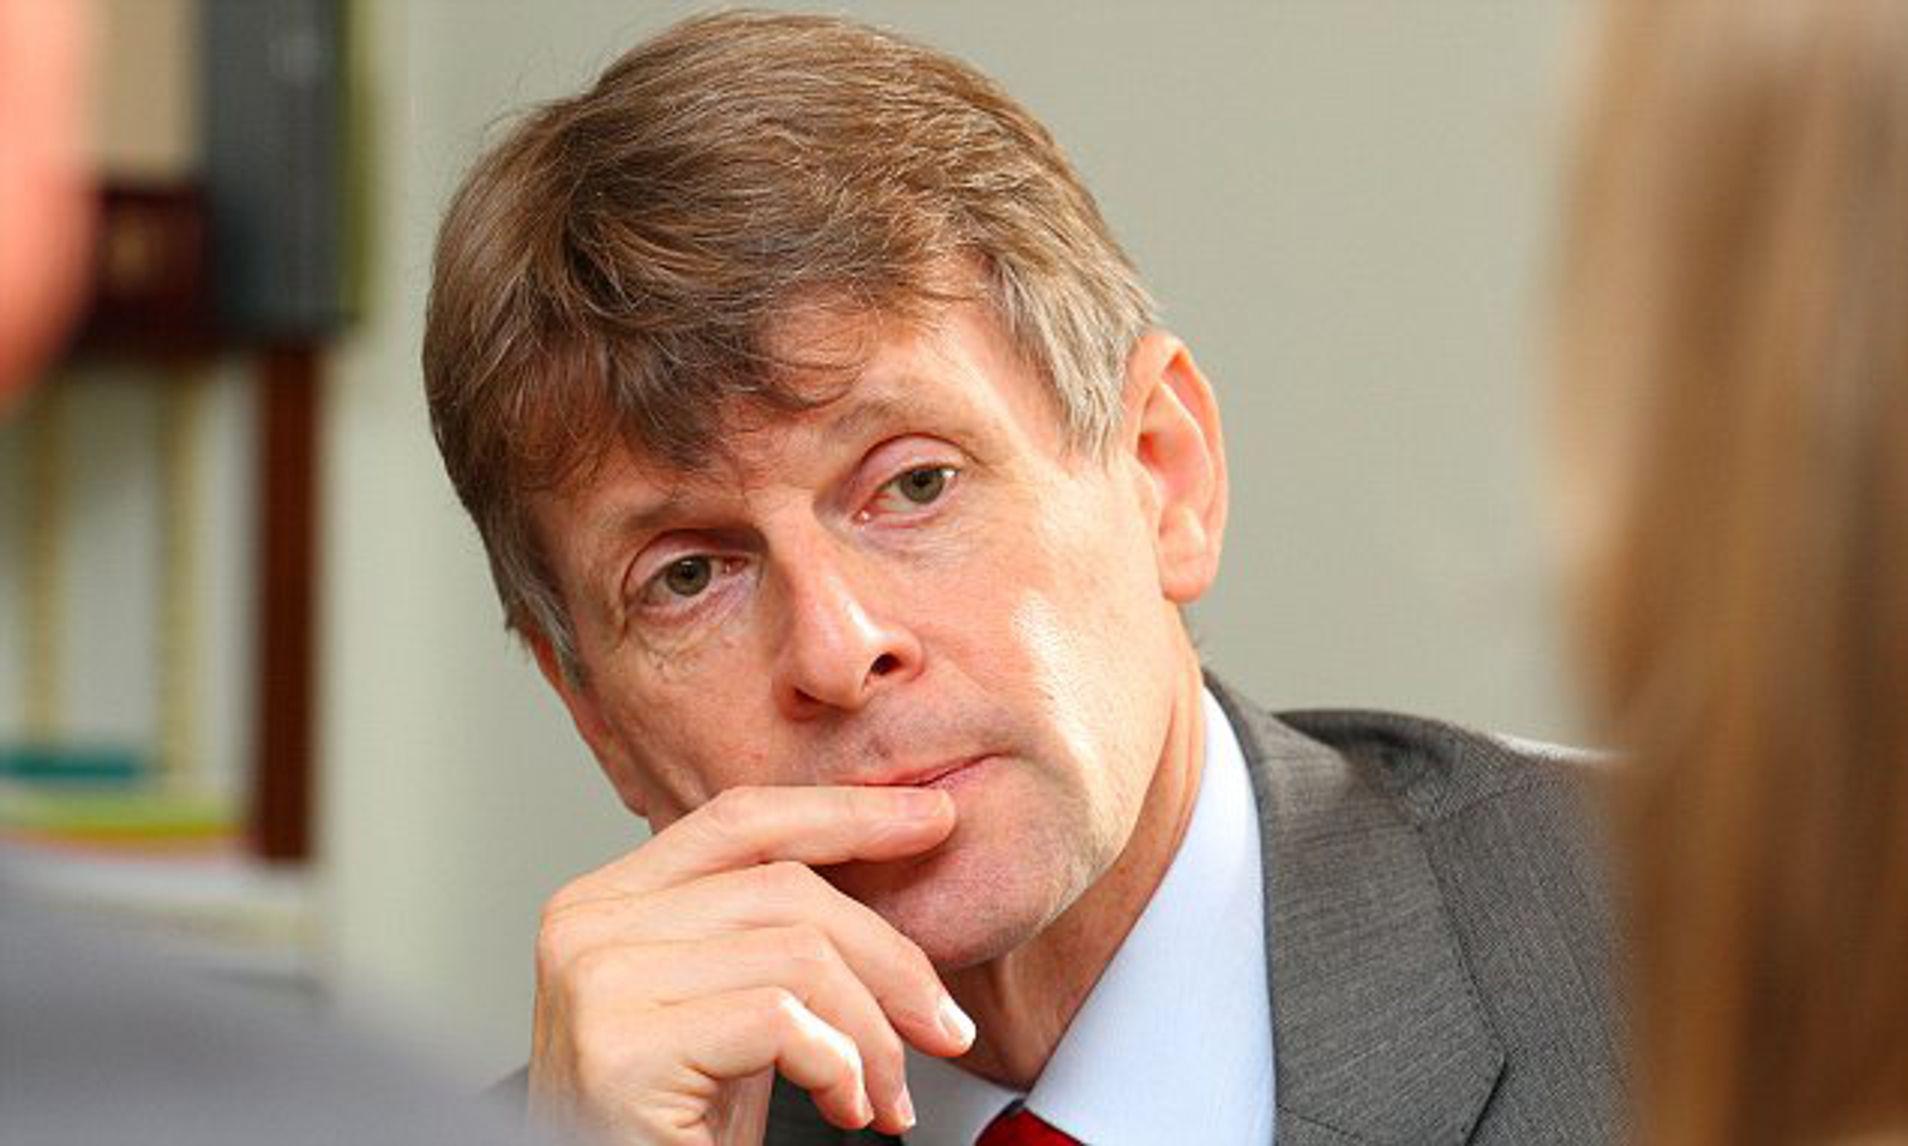 Andrew Halls OBE